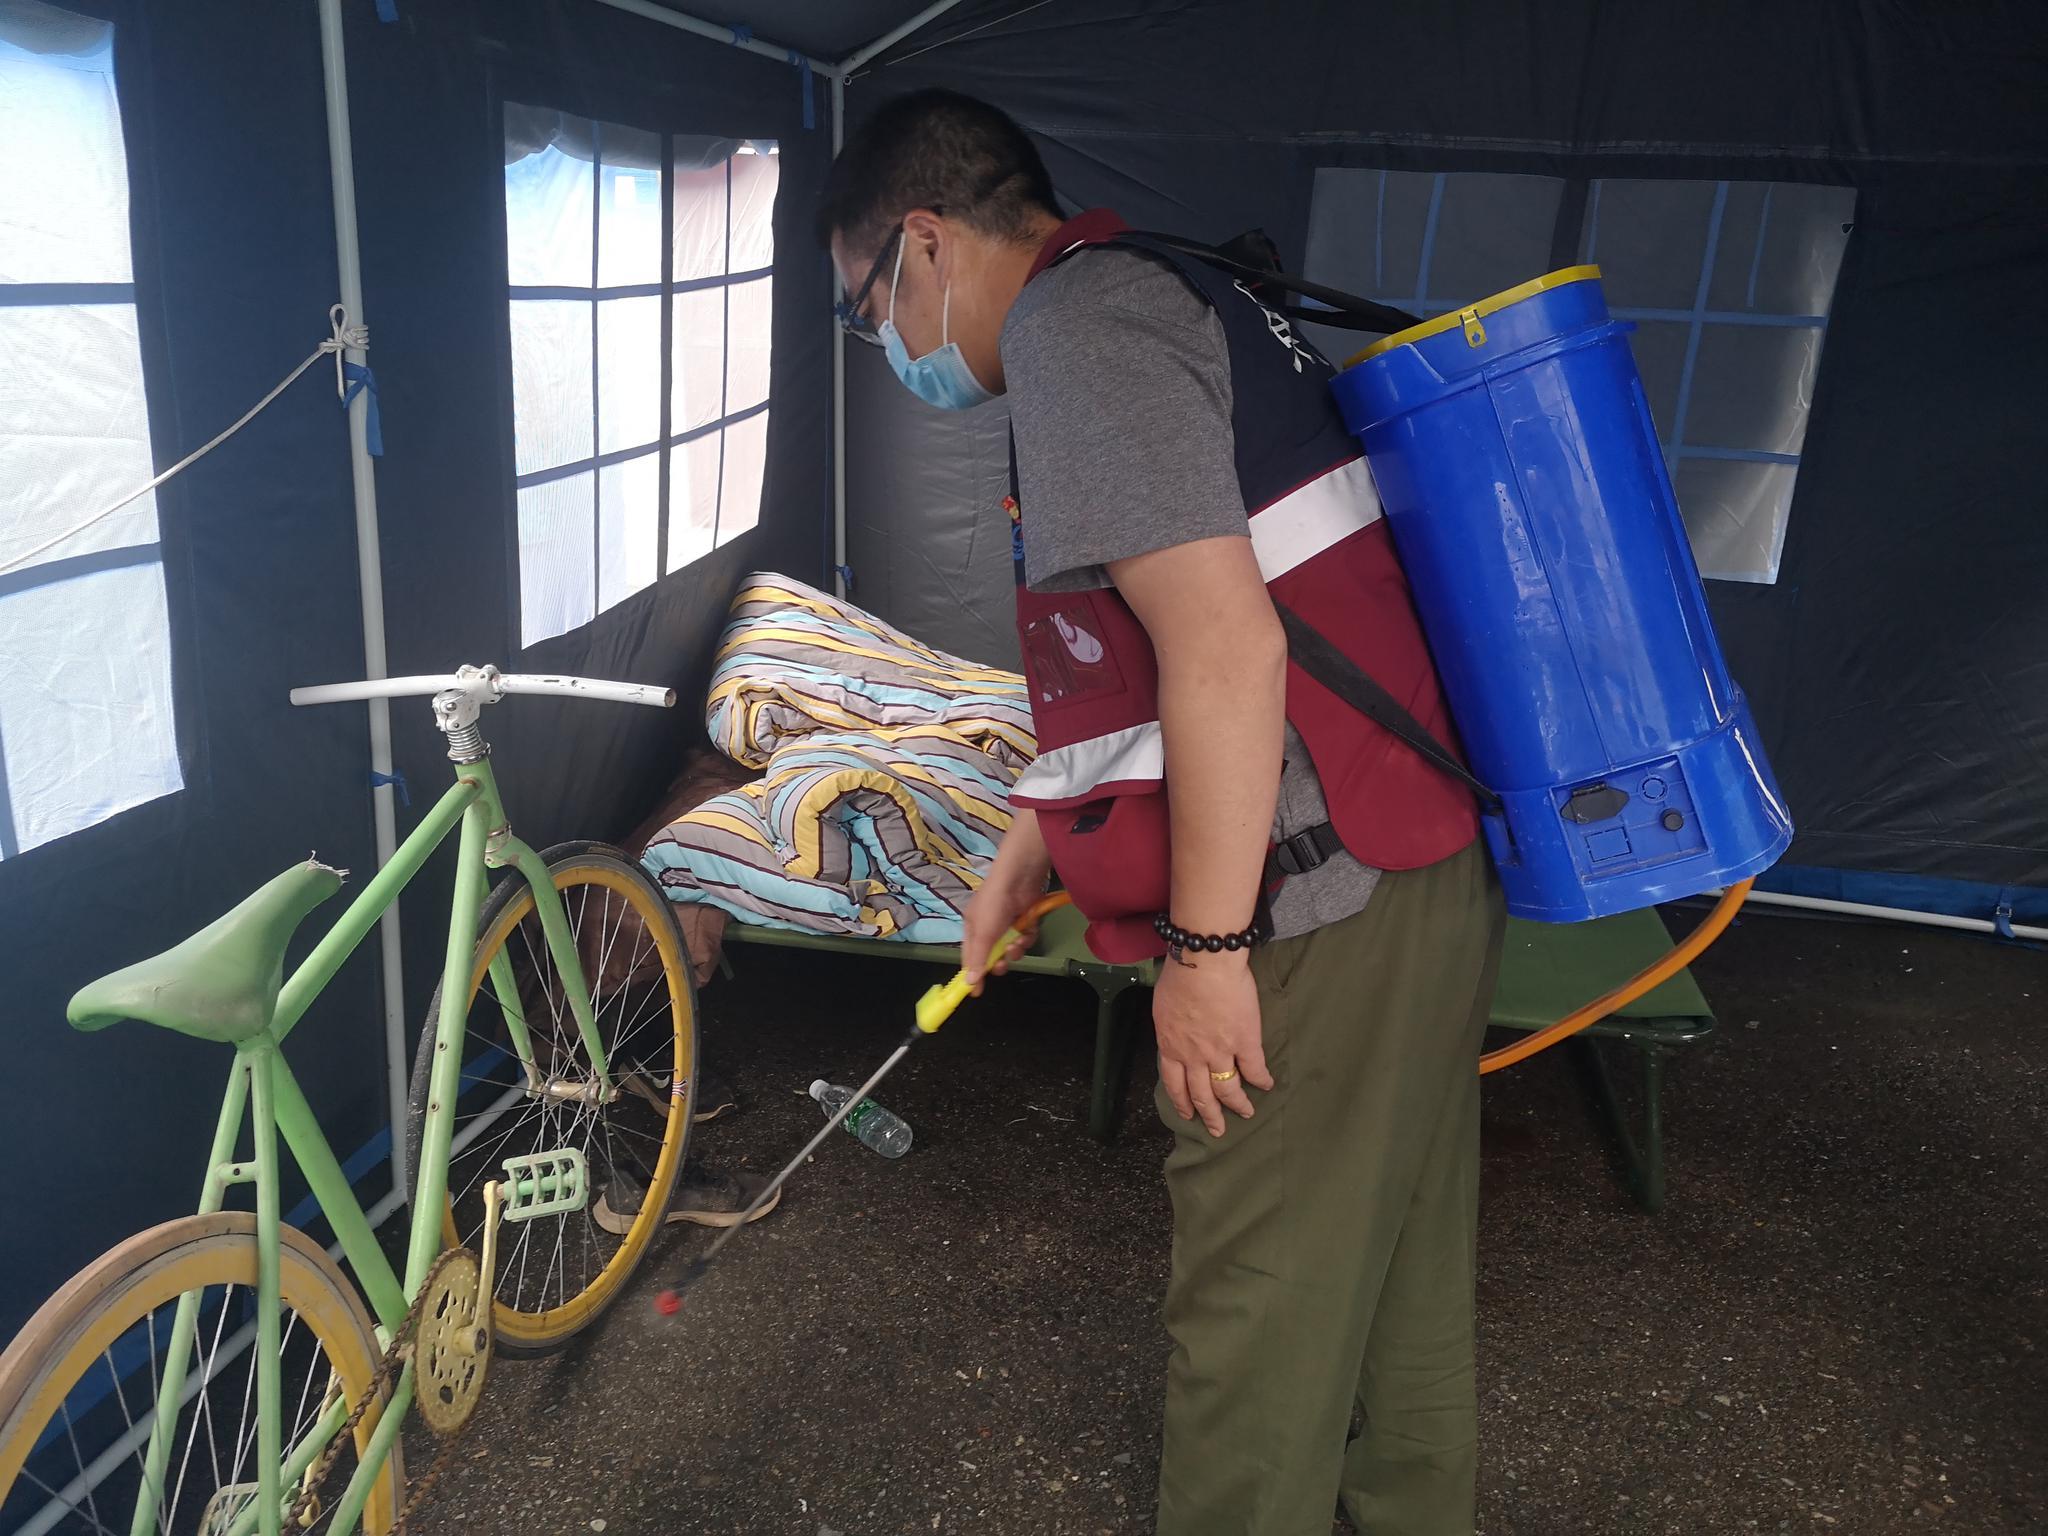 6月30日,庄韬在原曹古乡乡当局门前的安顿帐篷内消毒。新京报记者 李桂 摄